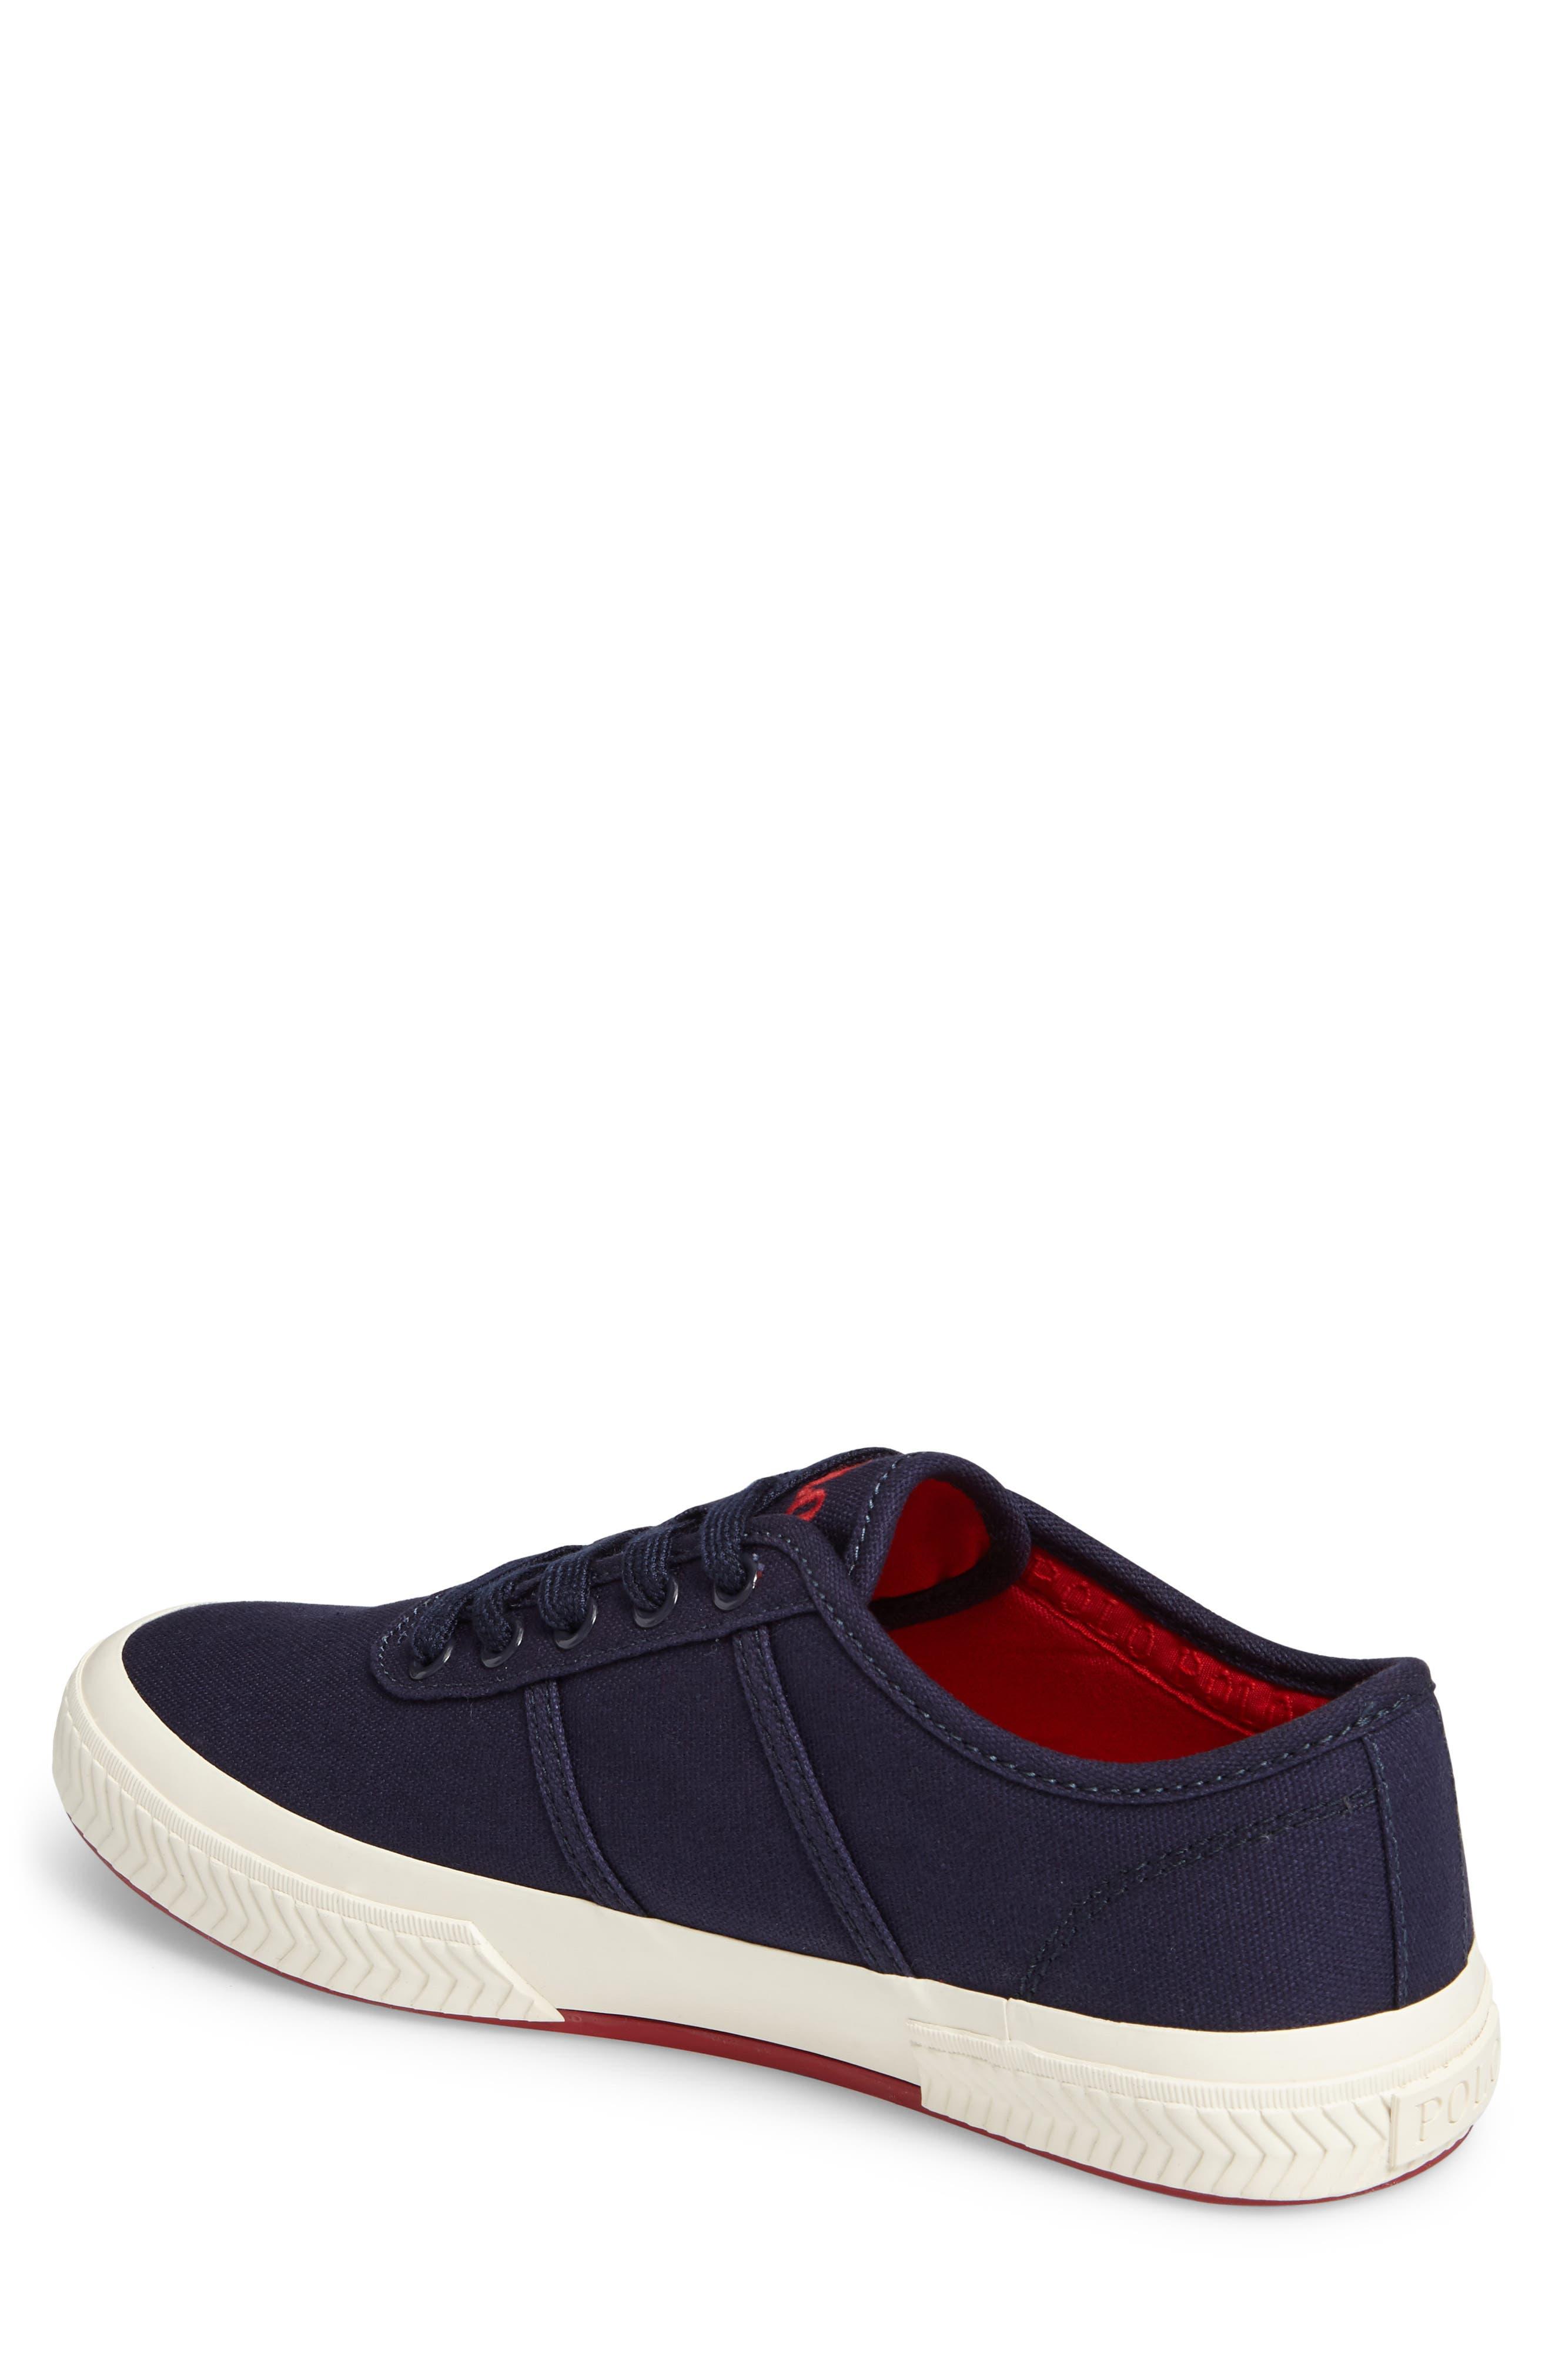 Polo Ralph Lauren Tyrian Sneaker,                             Alternate thumbnail 2, color,                             410